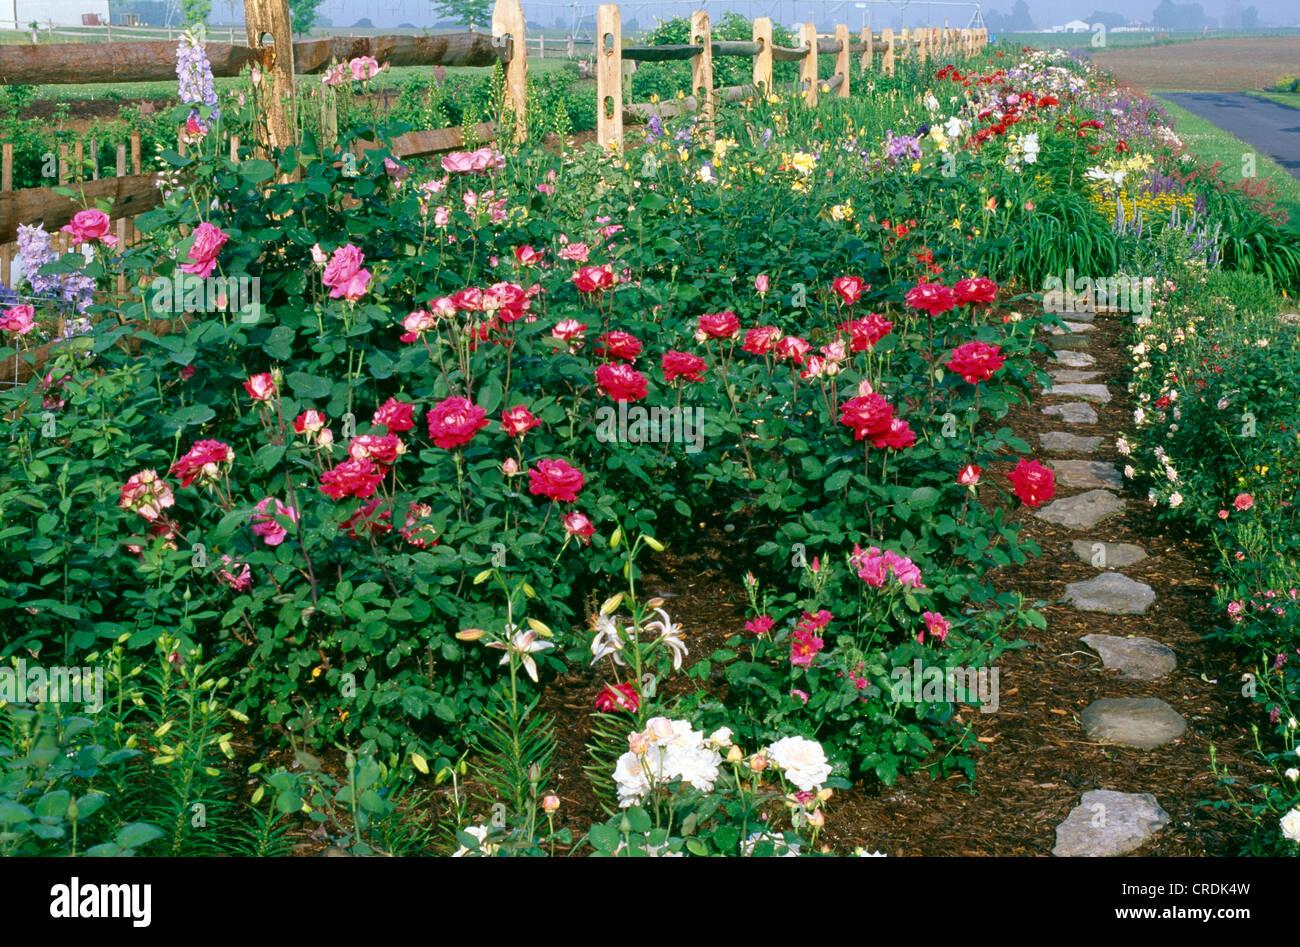 Small Rose Garden With Hybrid Tea Rose Love Floribunda